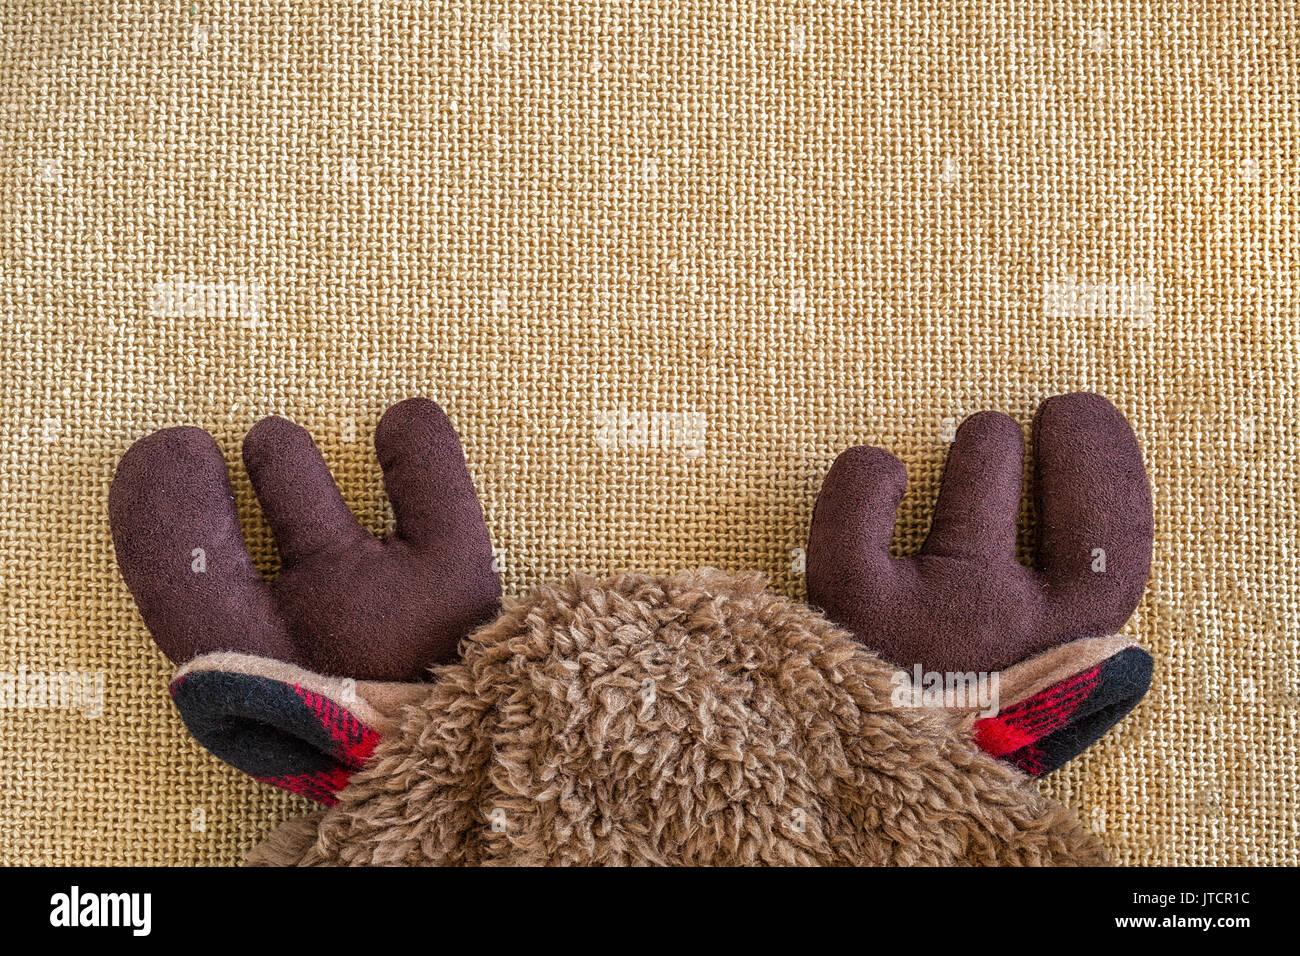 Niño en el sombrero con cuernos sobre un tejido de fondo. Imagen De Stock d01017b6af3